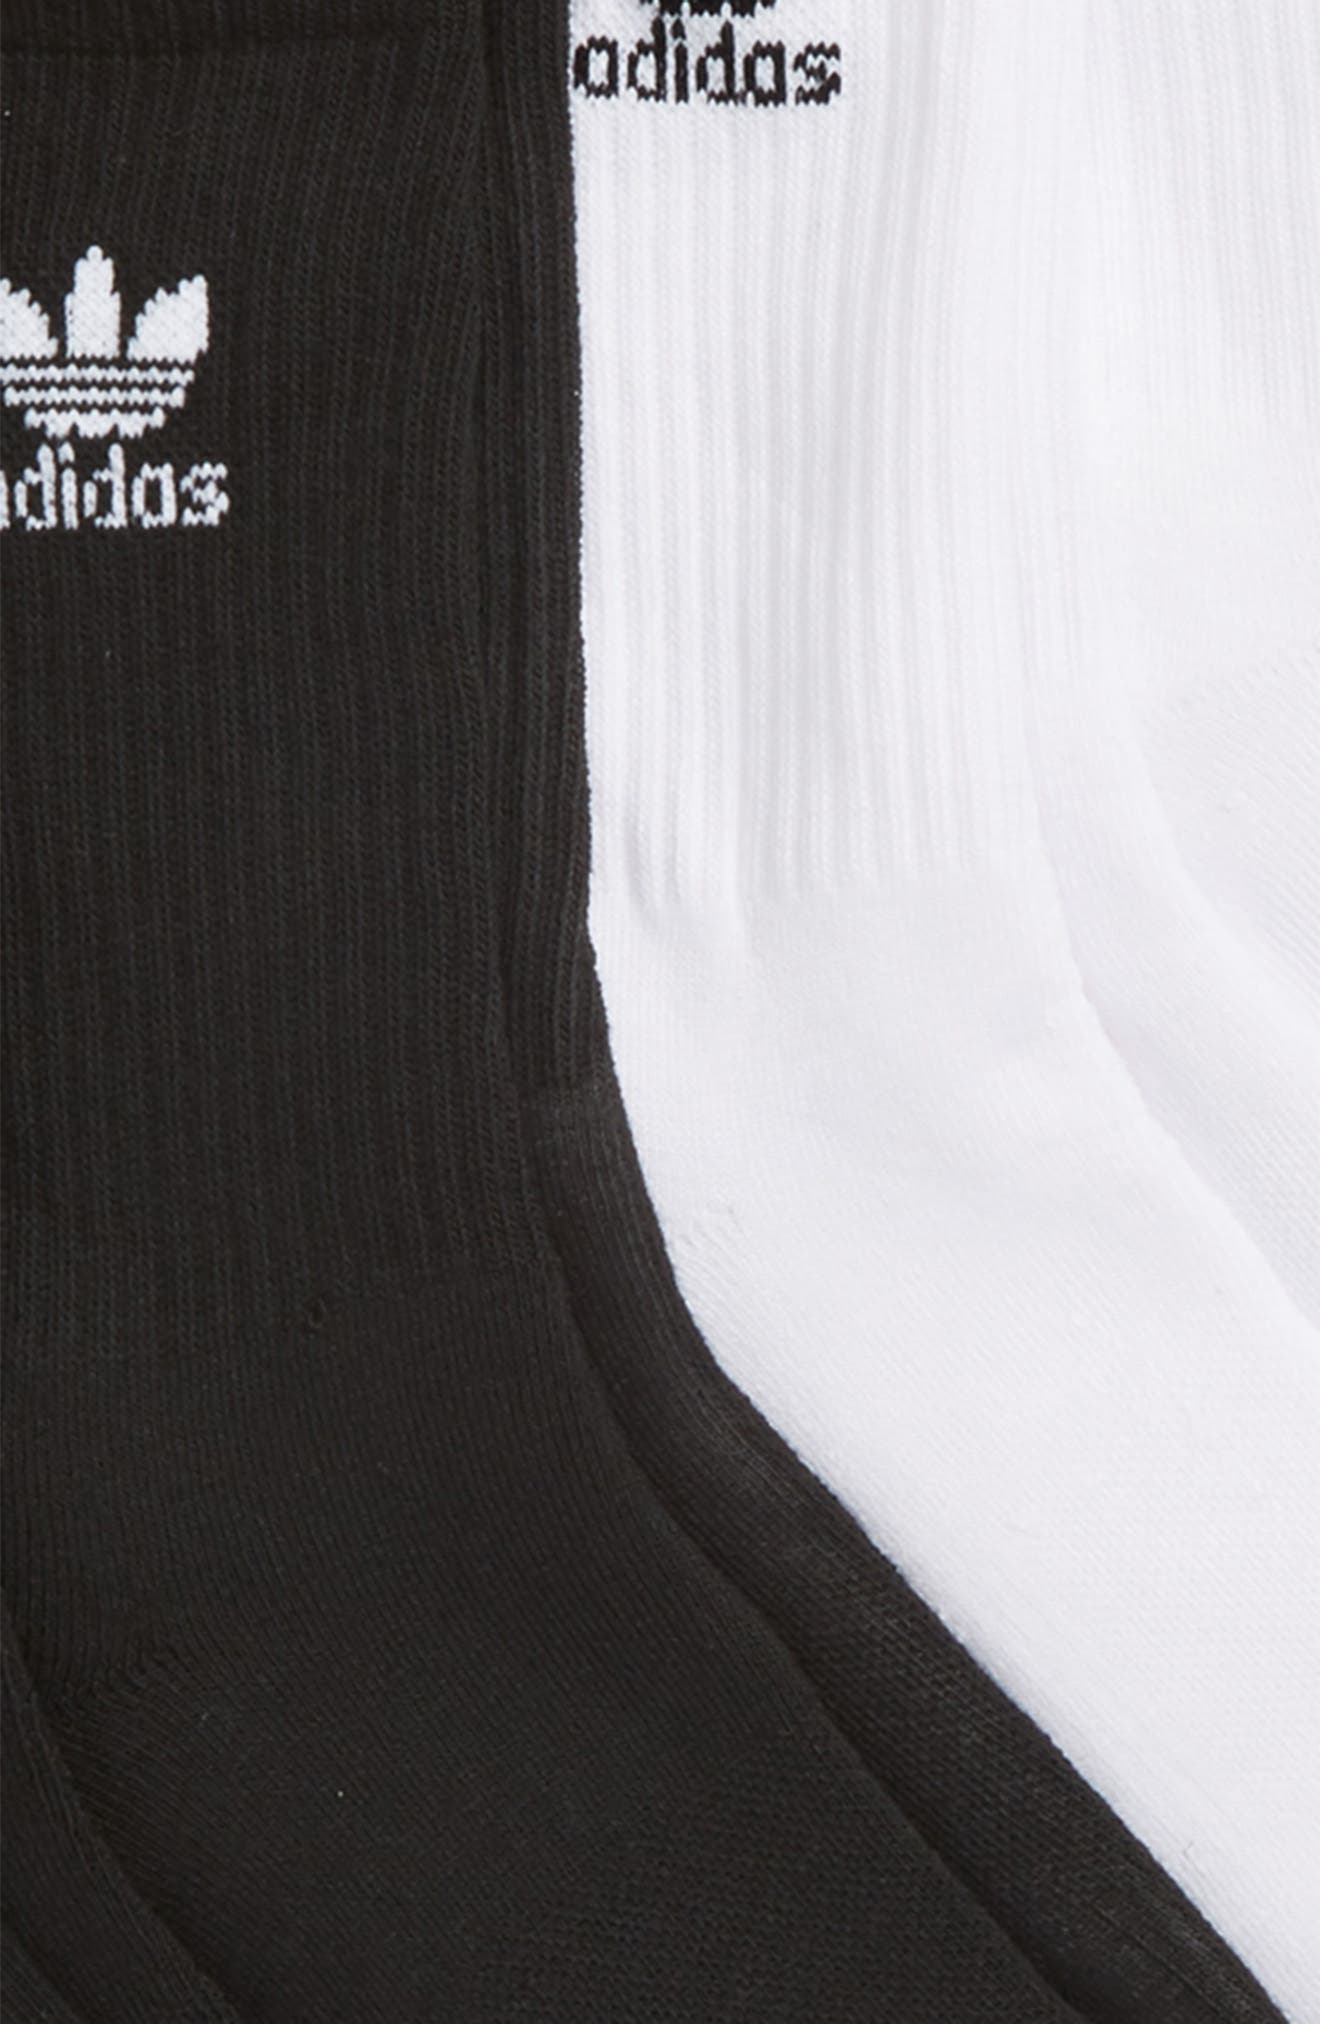 Trefoil 6-Pack Crew Socks,                             Alternate thumbnail 2, color,                             White/ Black